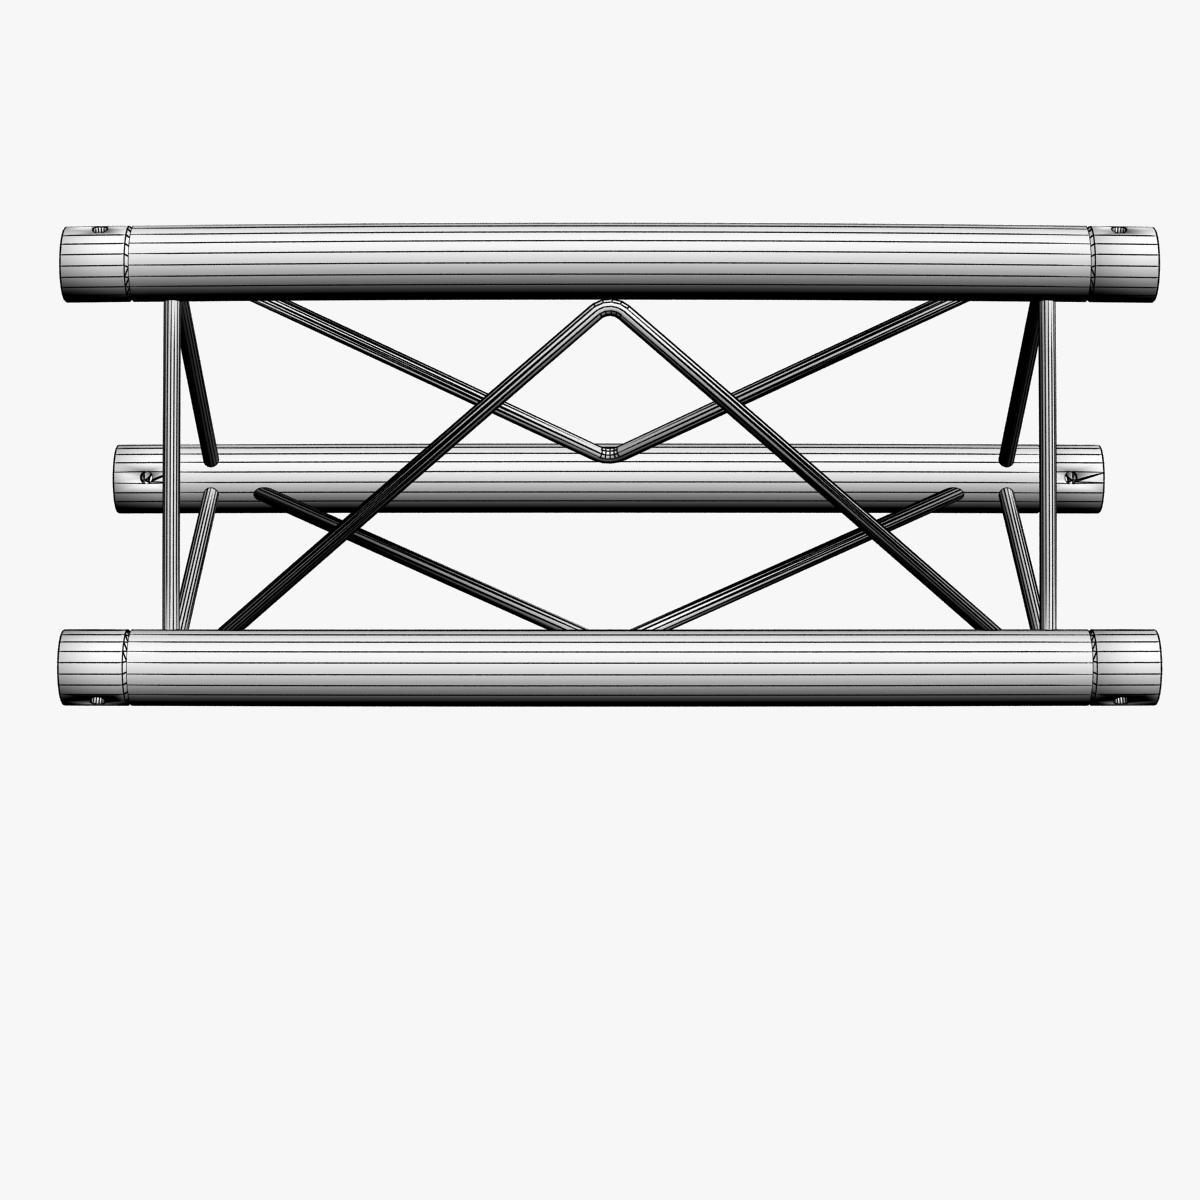 Mini Triangular Truss Straight Segment 111 3d model 3ds max dxf fbx c4d   obj 268878